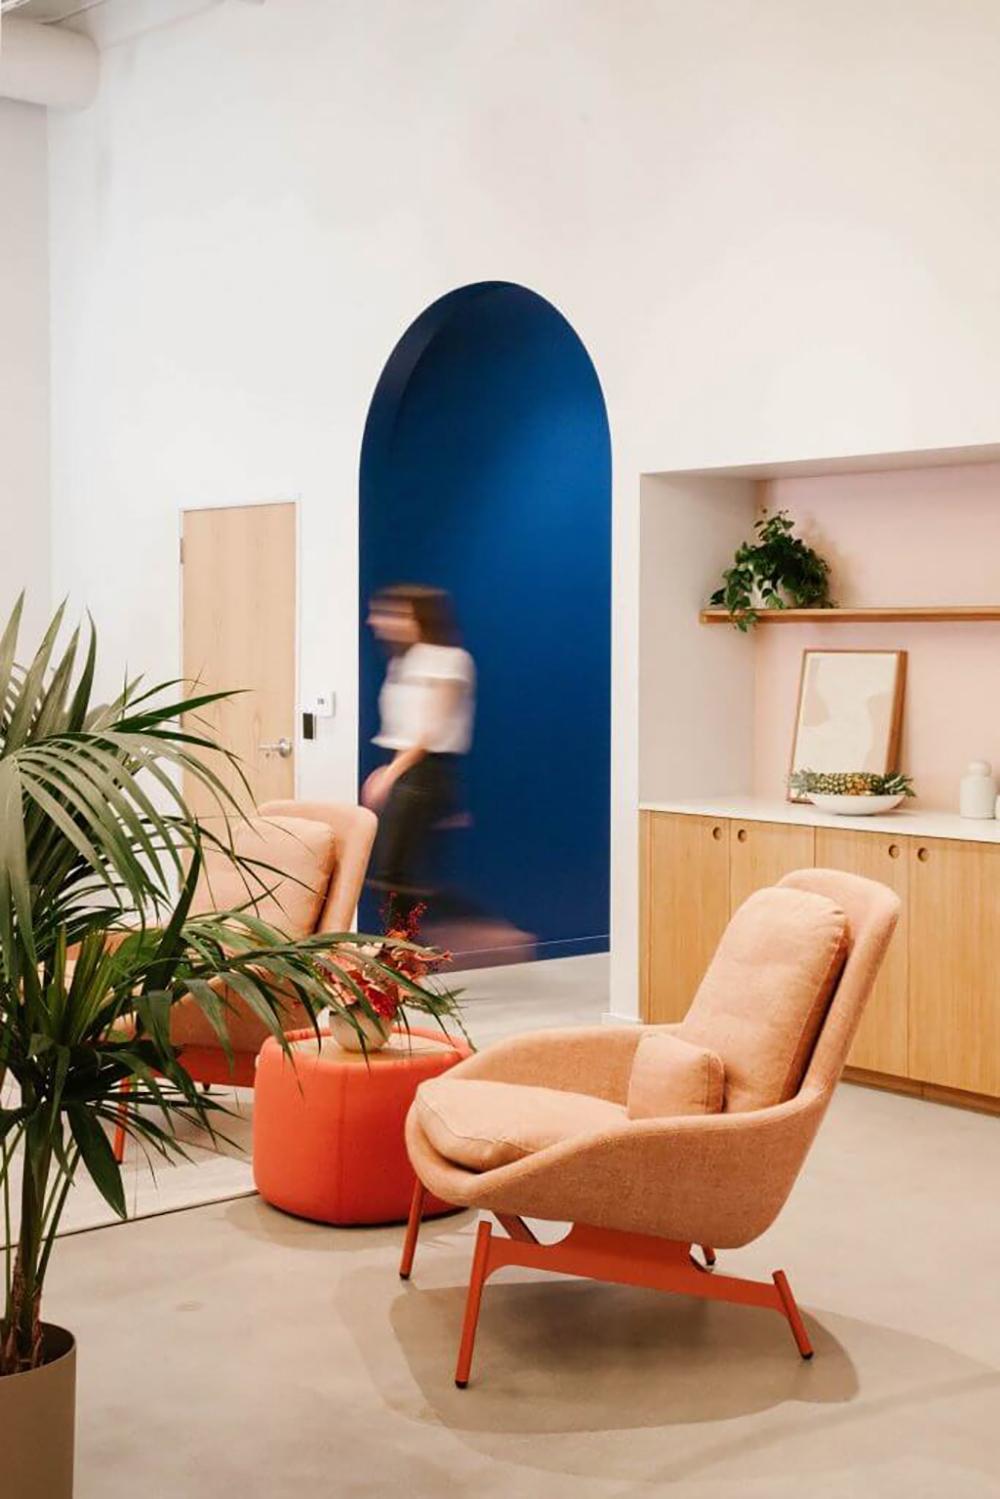 品牌VI设计公司橙象-提供茶饮品牌视觉形象设计-空间VI设计